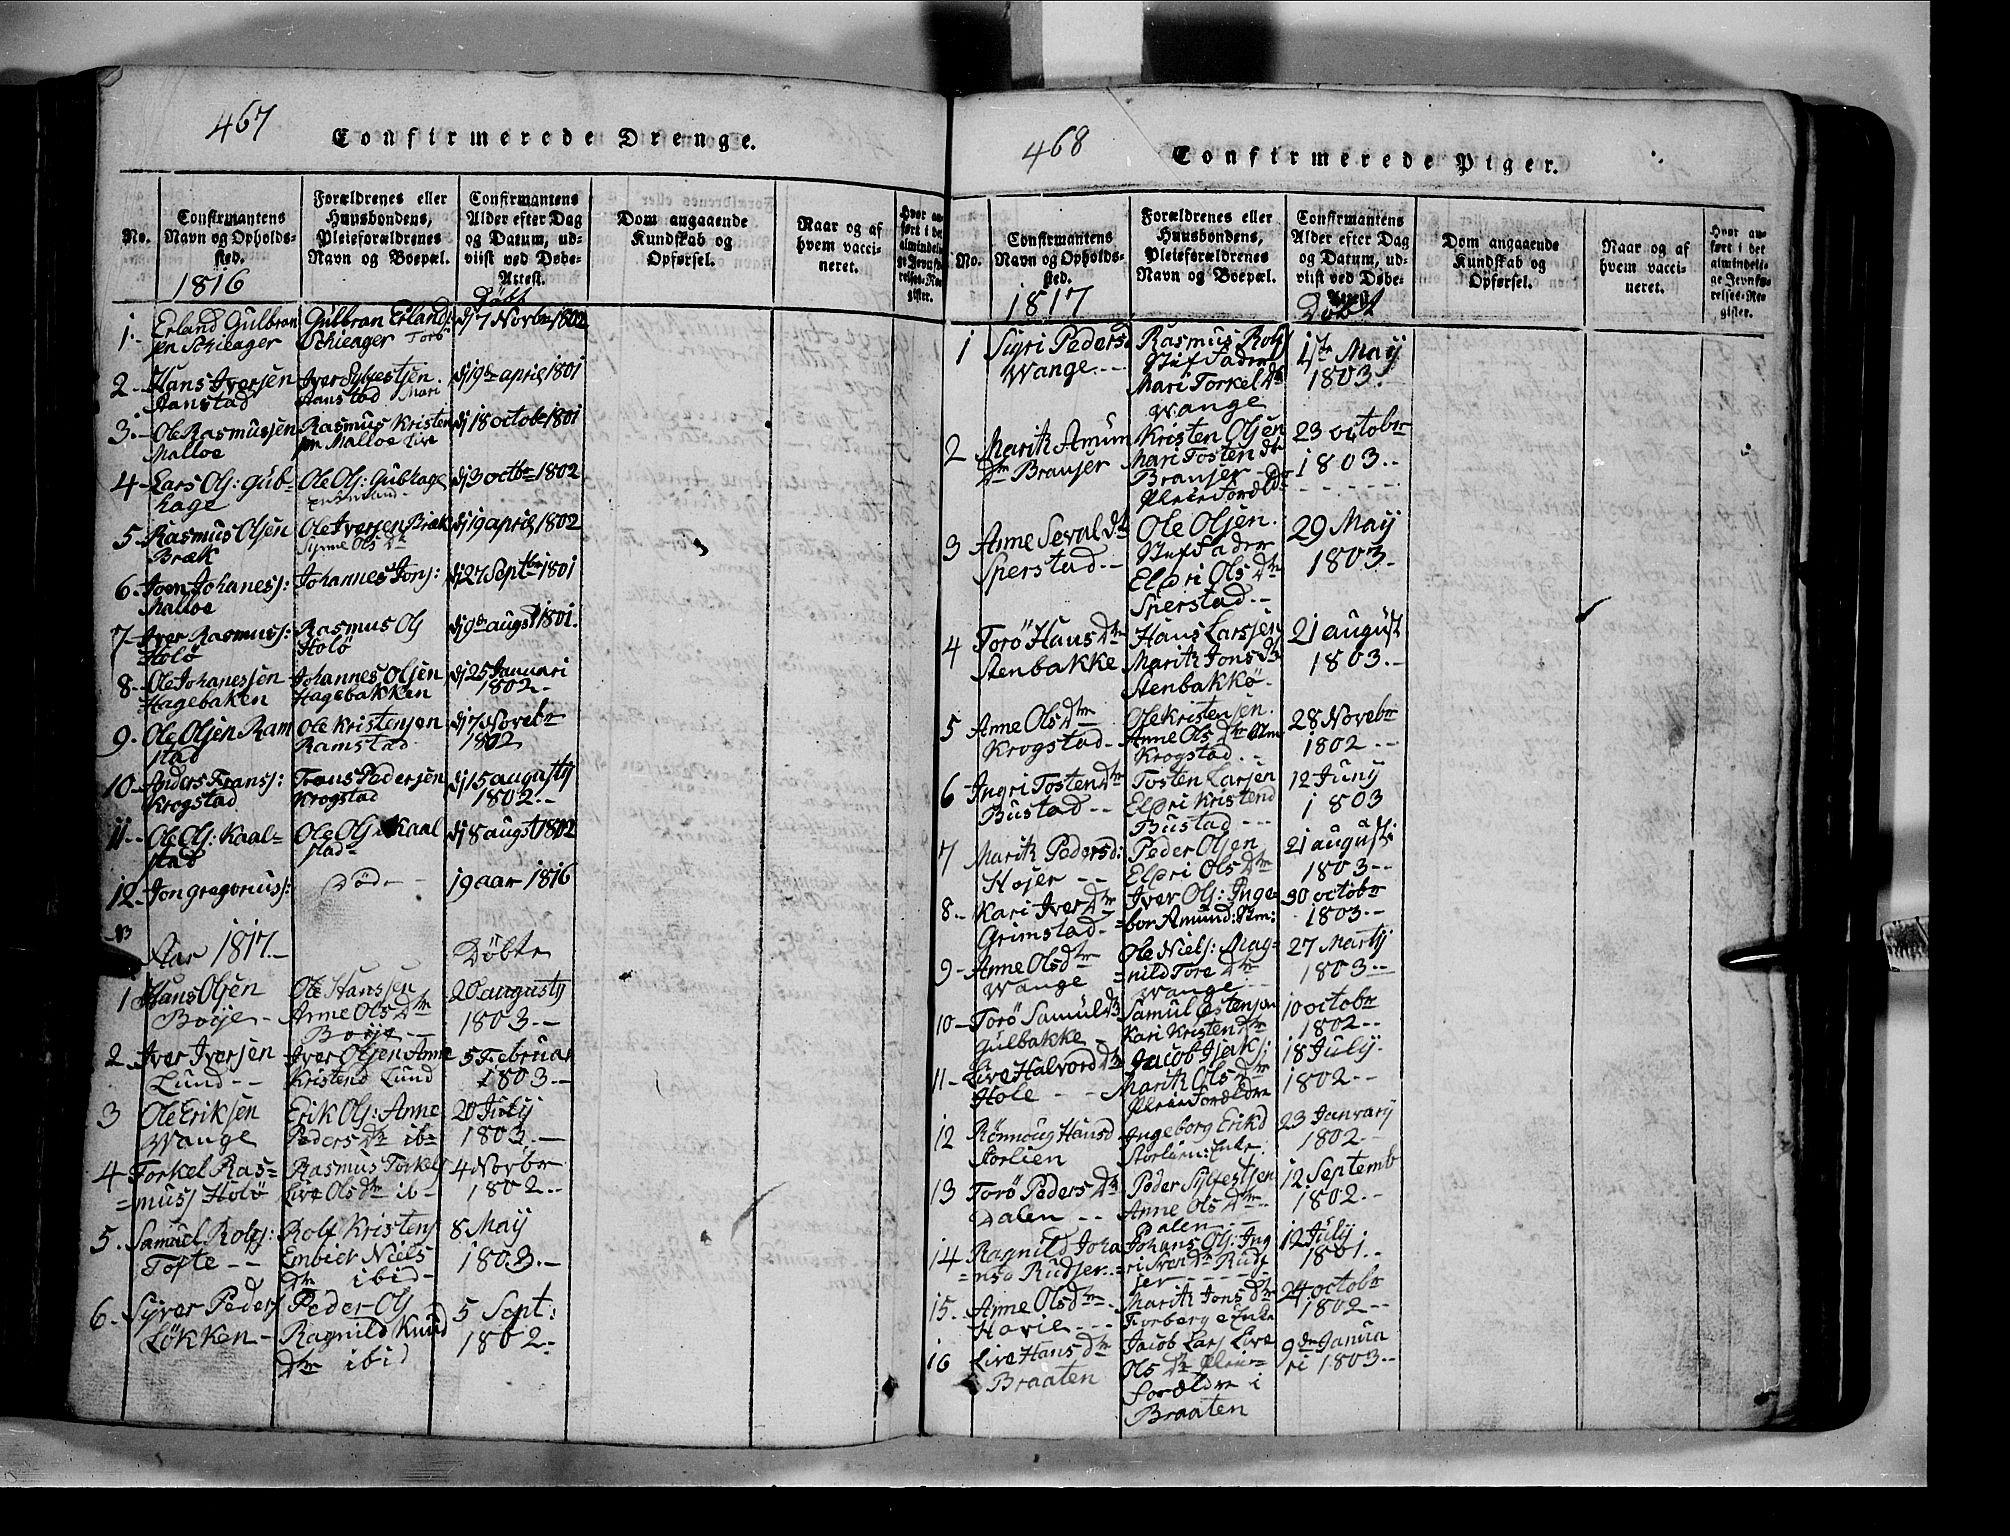 SAH, Lom prestekontor, L/L0003: Klokkerbok nr. 3, 1815-1844, s. 467-468